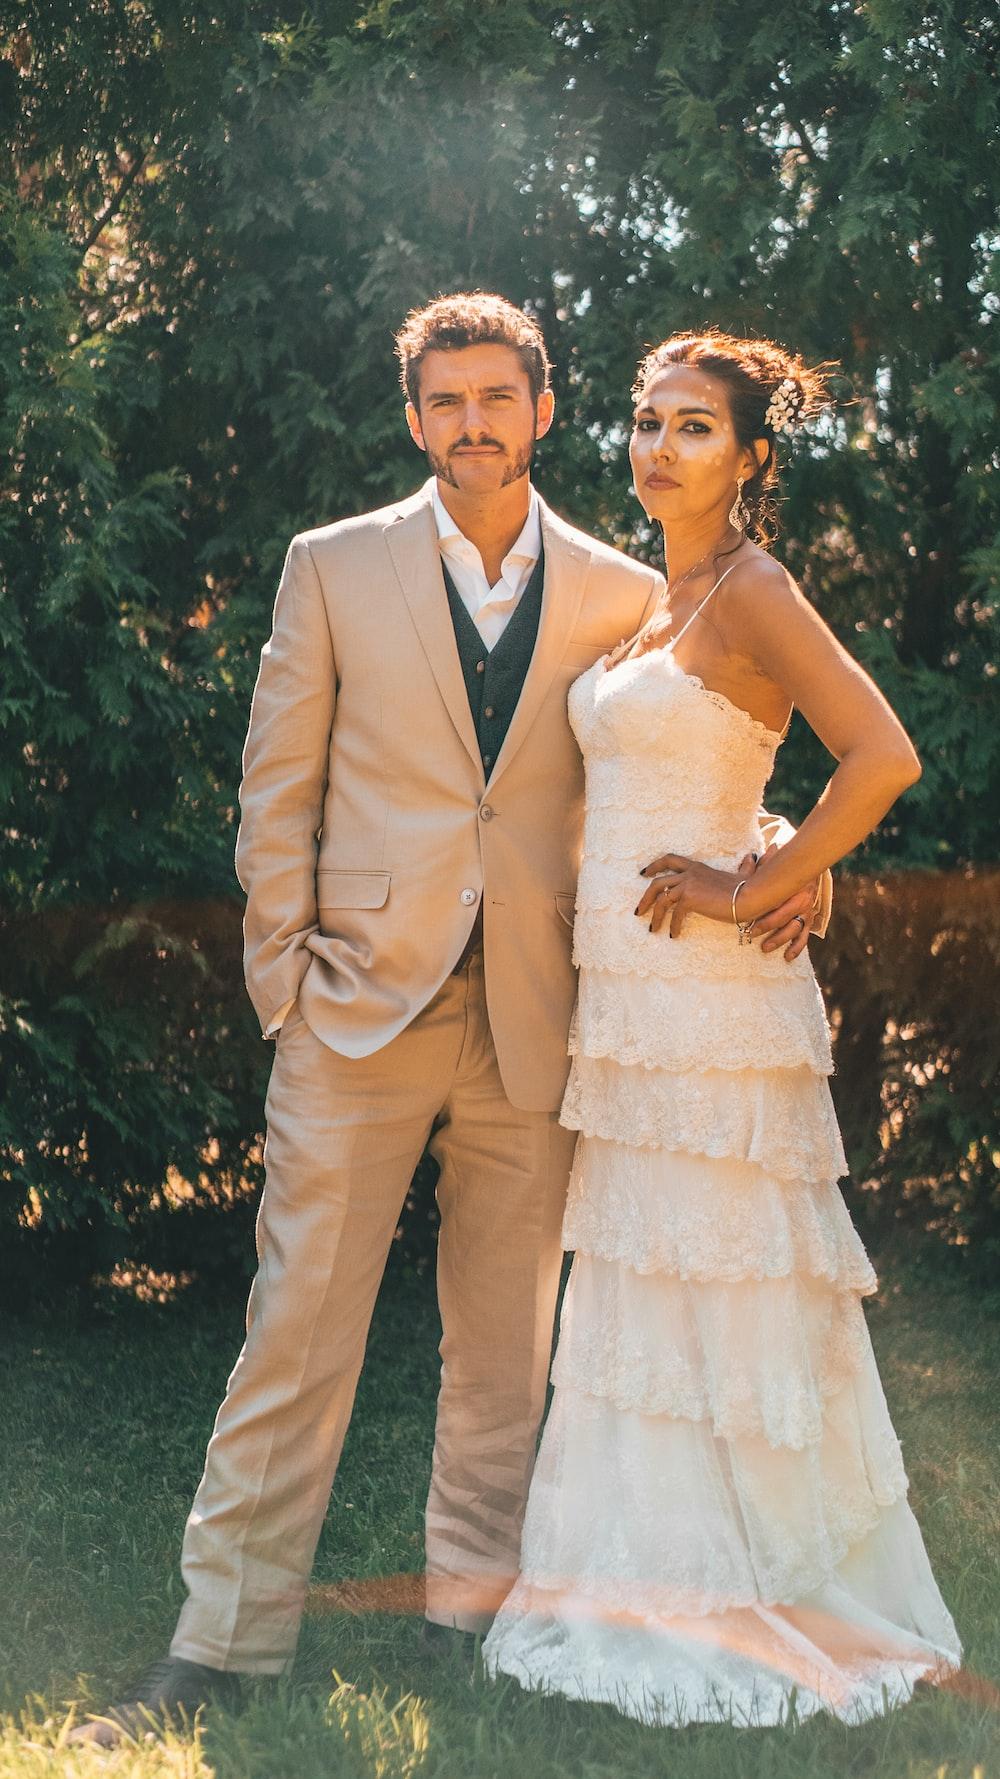 woman in white dress beside man